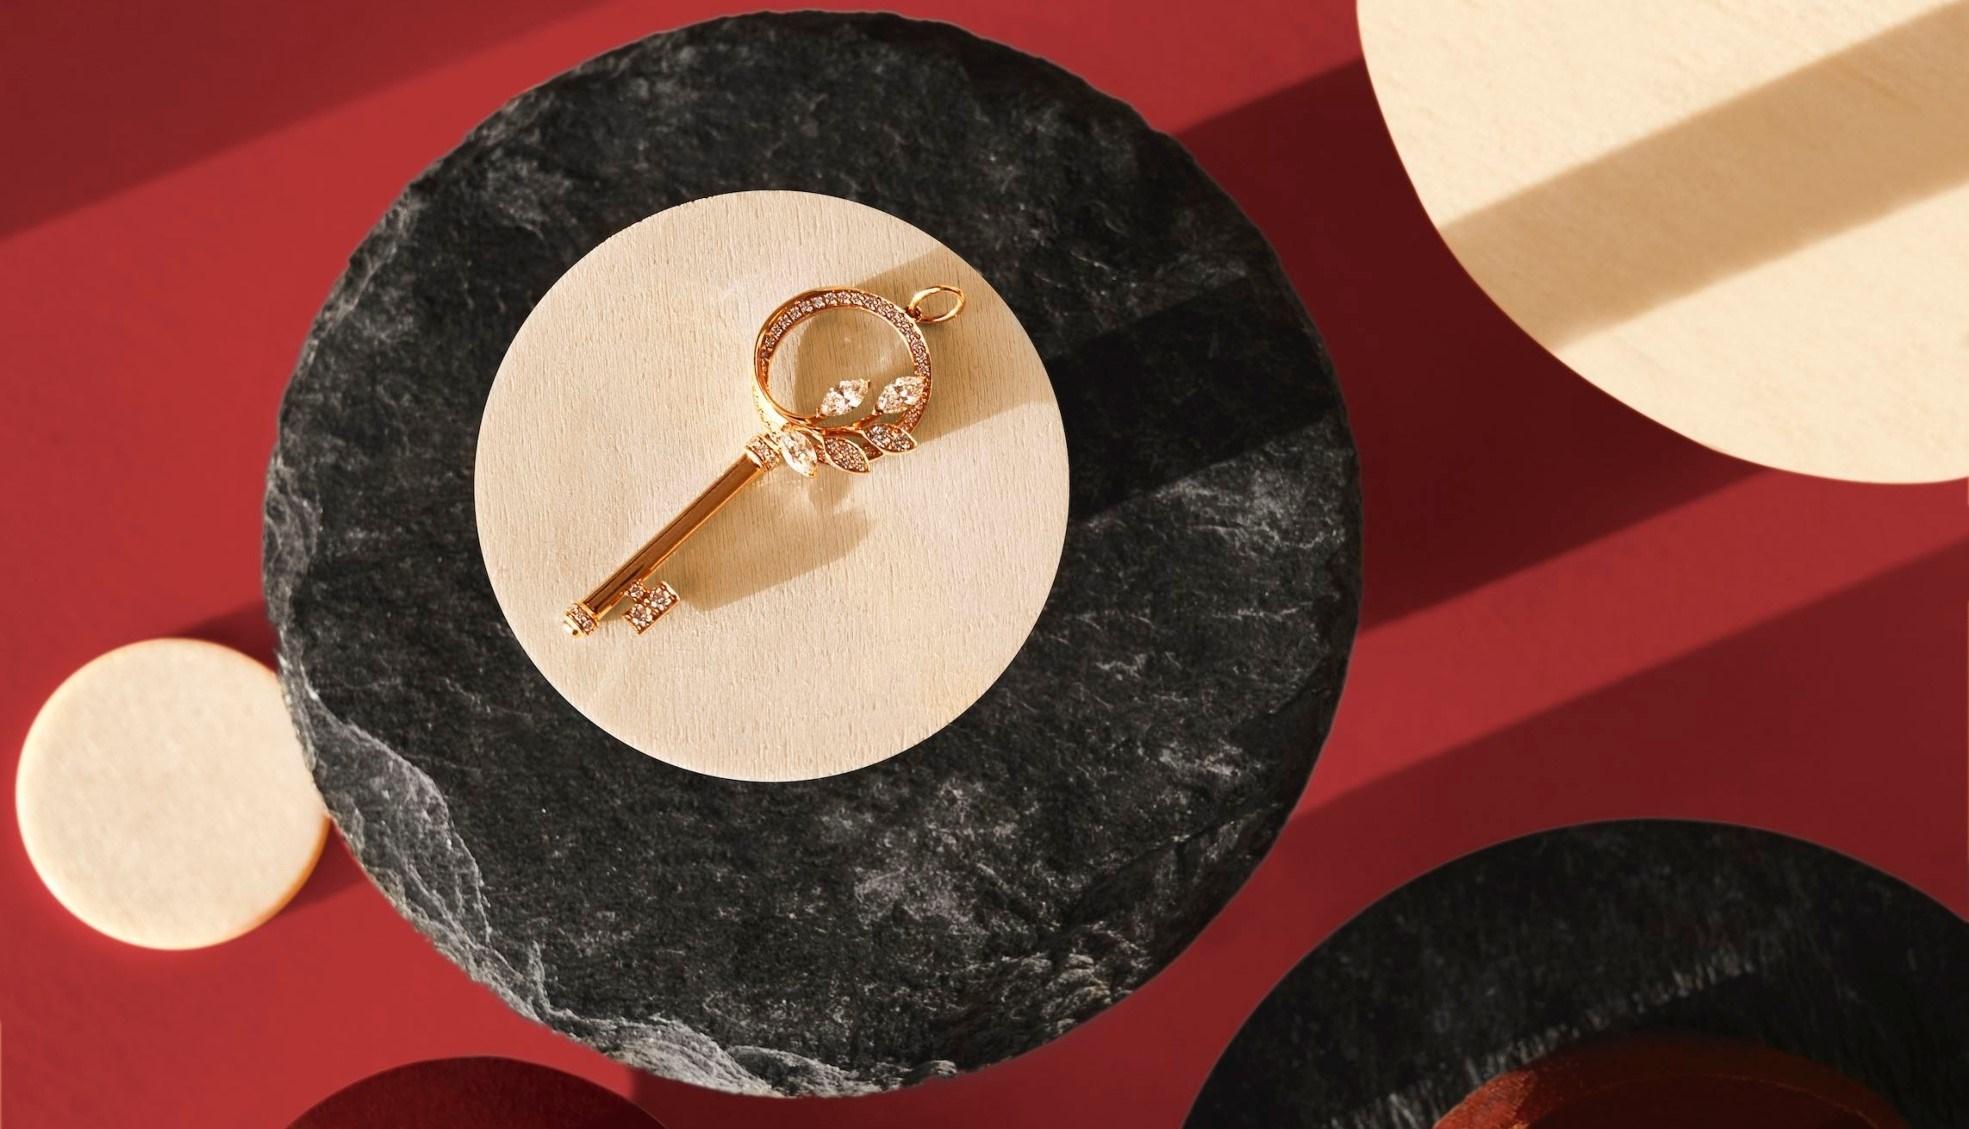 Tiffany & Co تطرح تشكيلة من أشهر تصاميمها الأيقونية